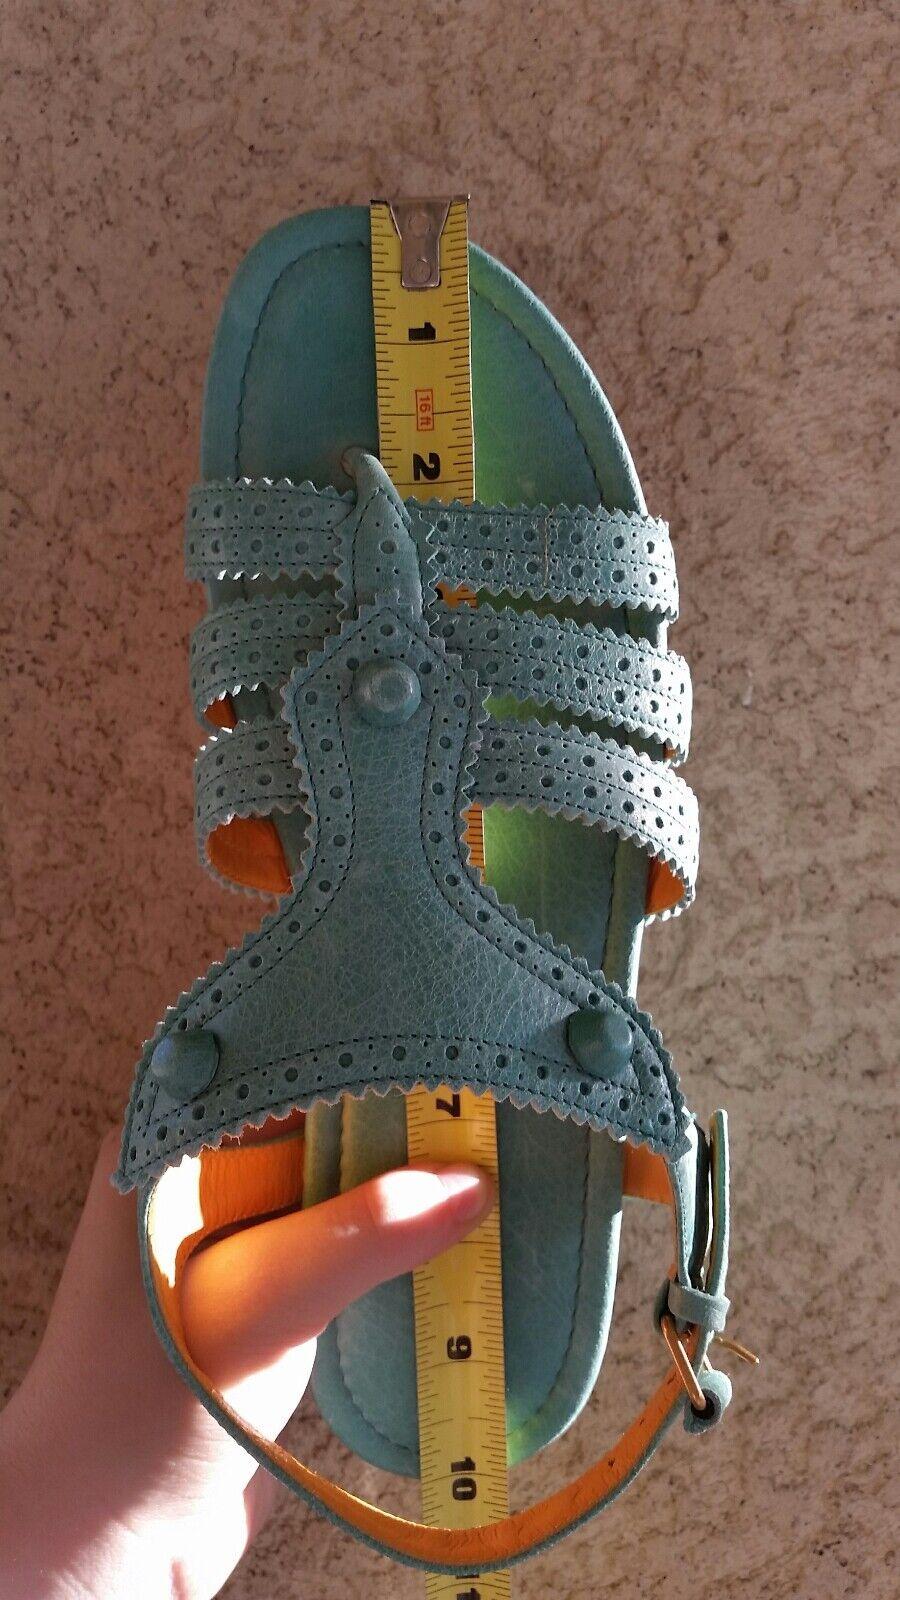 NWT  Balenciaga 40C EU(9.5B EU(9.5B EU(9.5B C) US Leather Gladiator Turquoise Sandals Orig.575  67513e